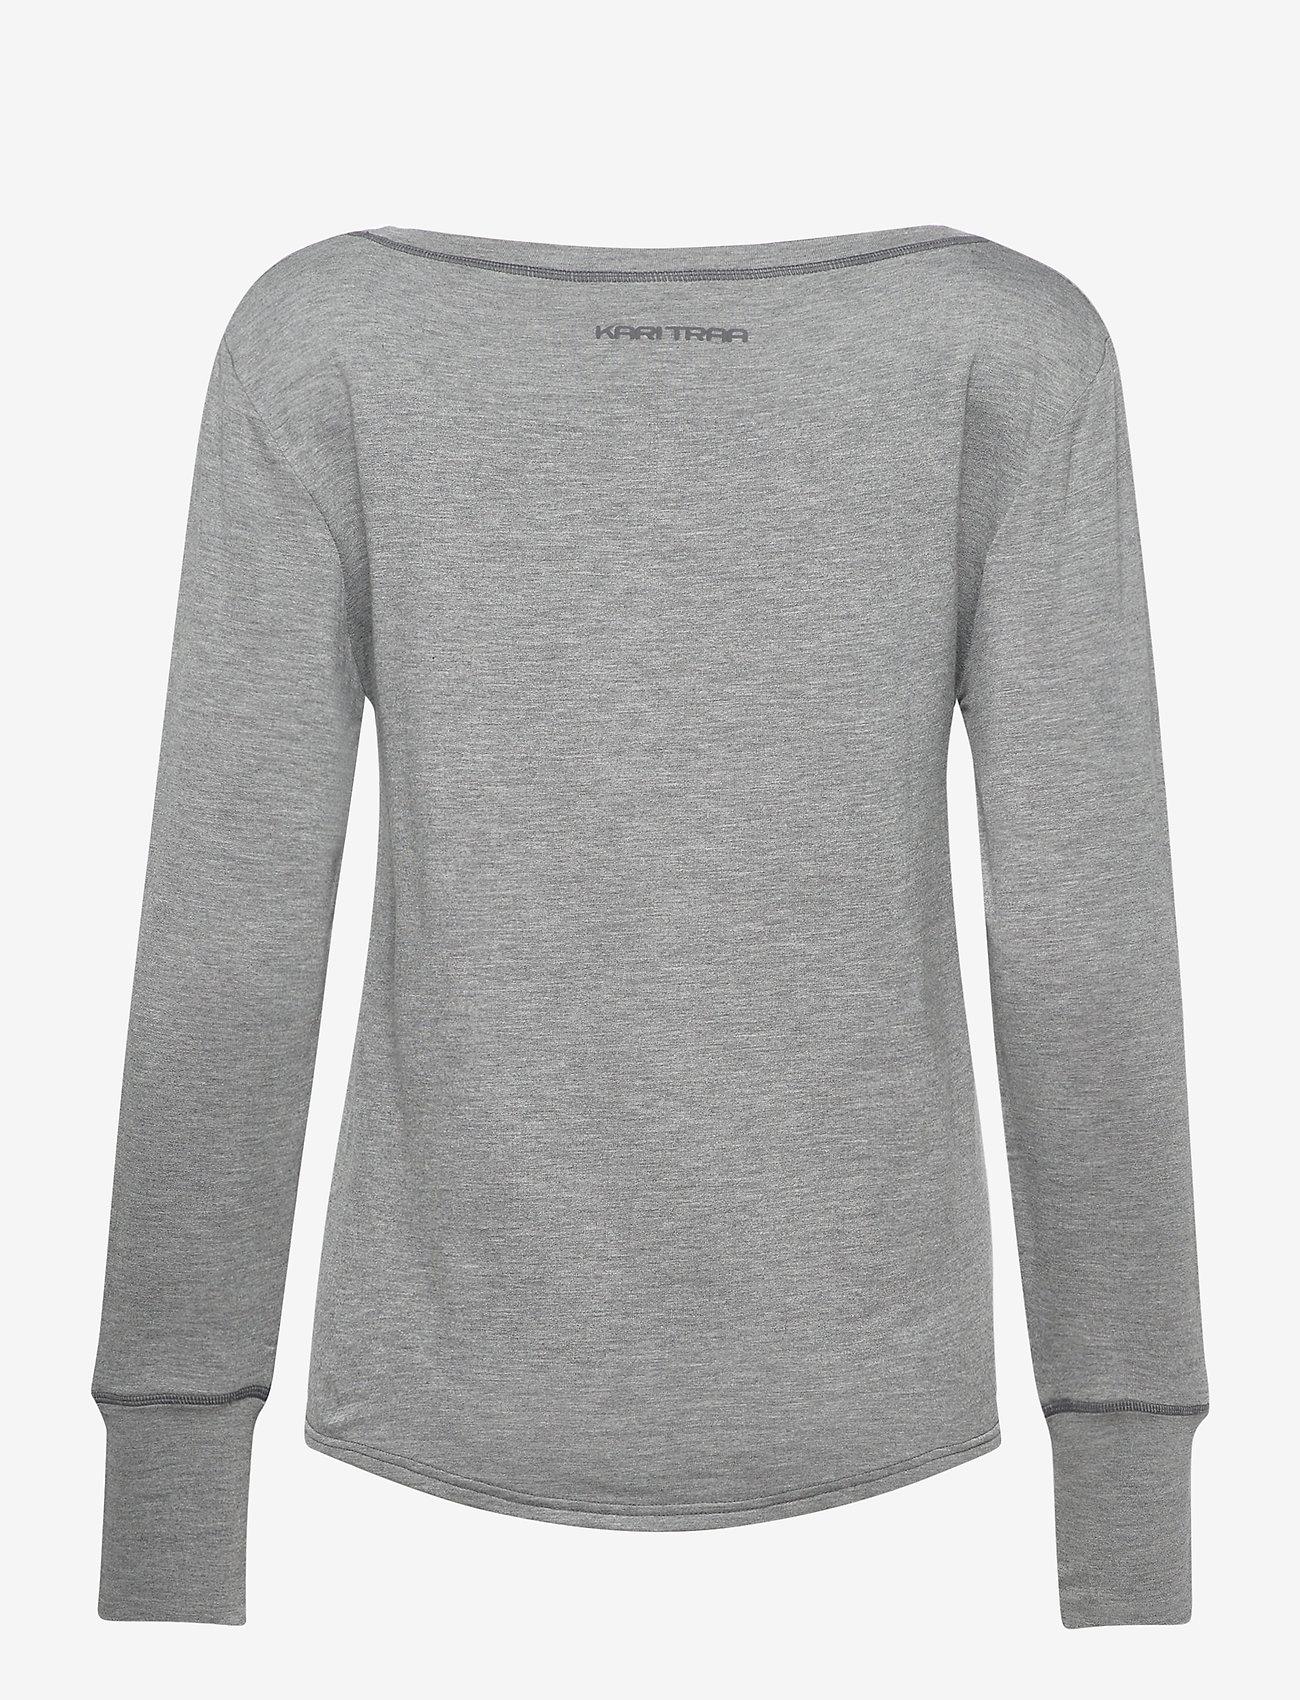 Kari Traa - VICTORIA LS - bluzki z długim rękawem - dusty - 1